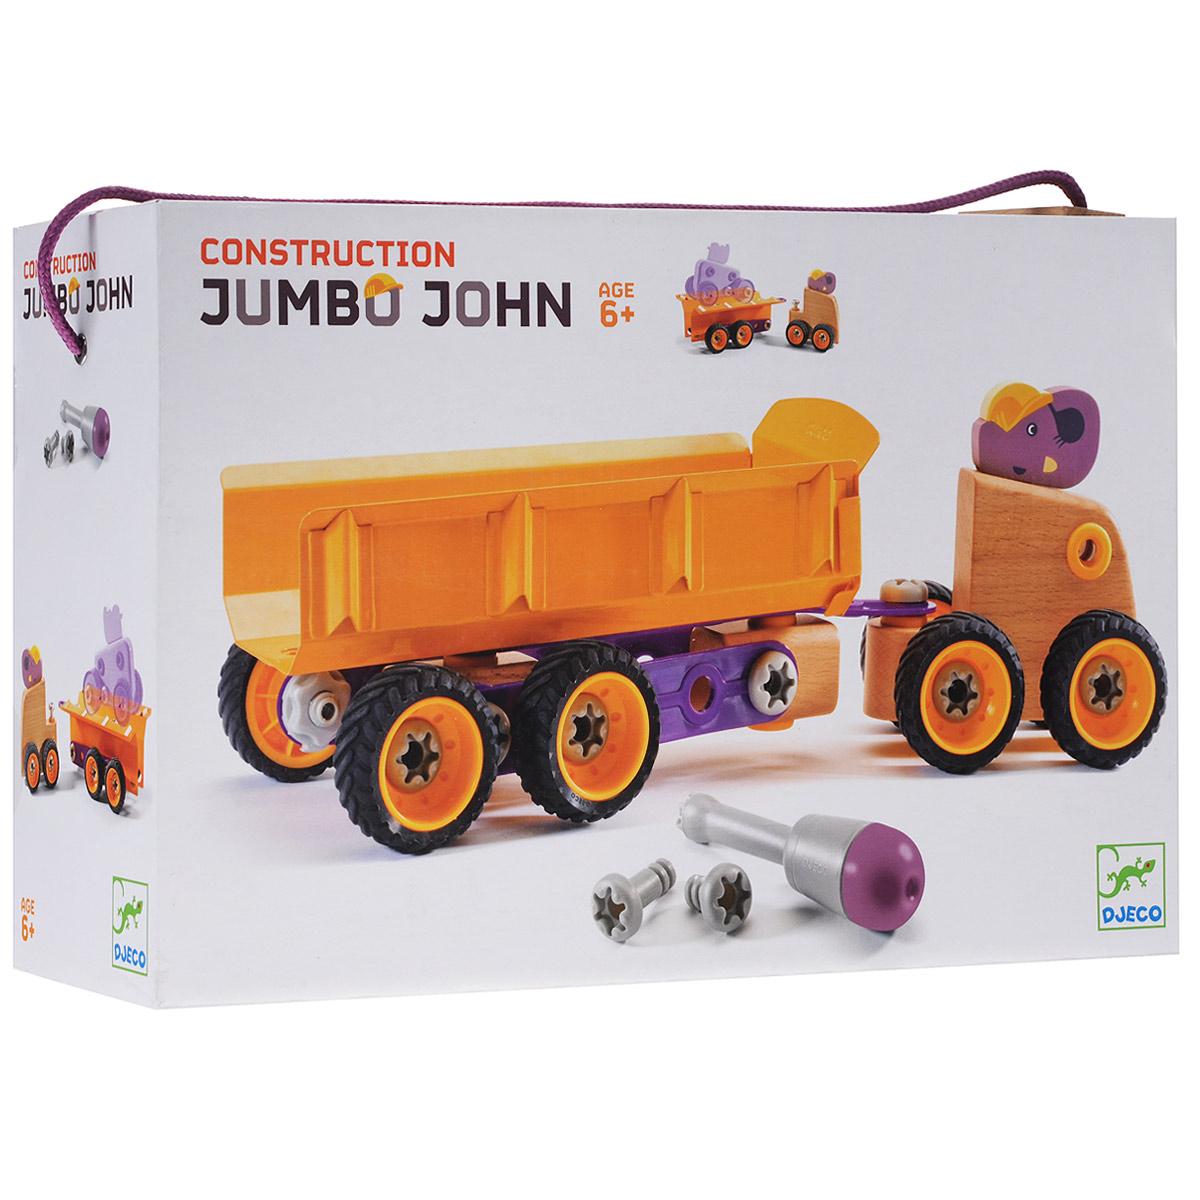 Djeco Конструктор-трансформер Слон Джон06696Конструктор-трансформер Djeco Слон Джон понравится вашему малышу. Конструктор включает 39 элементов, из которых малыш сможет собрать несколько вариантов грузовика, которым управляет слоник. Помогут ему в этом отвертка и схематичная инструкция, которые также входят в комплект. Элементы конструктора выполнены из дерева (целый бук), металла и пластика и имеют удобную для детских ручек форму. Они надежно крепятся друг к другу, так что игрушку можно не только собирать, но и играть с ней. Благодаря высочайшему качеству и прочным деталям с игрушкой прекрасно можно играть как дома, так и на улице. Детский конструктор Djeco Слон Джон развивает мелкую моторику рук, сообразительность и усидчивость ребенка.